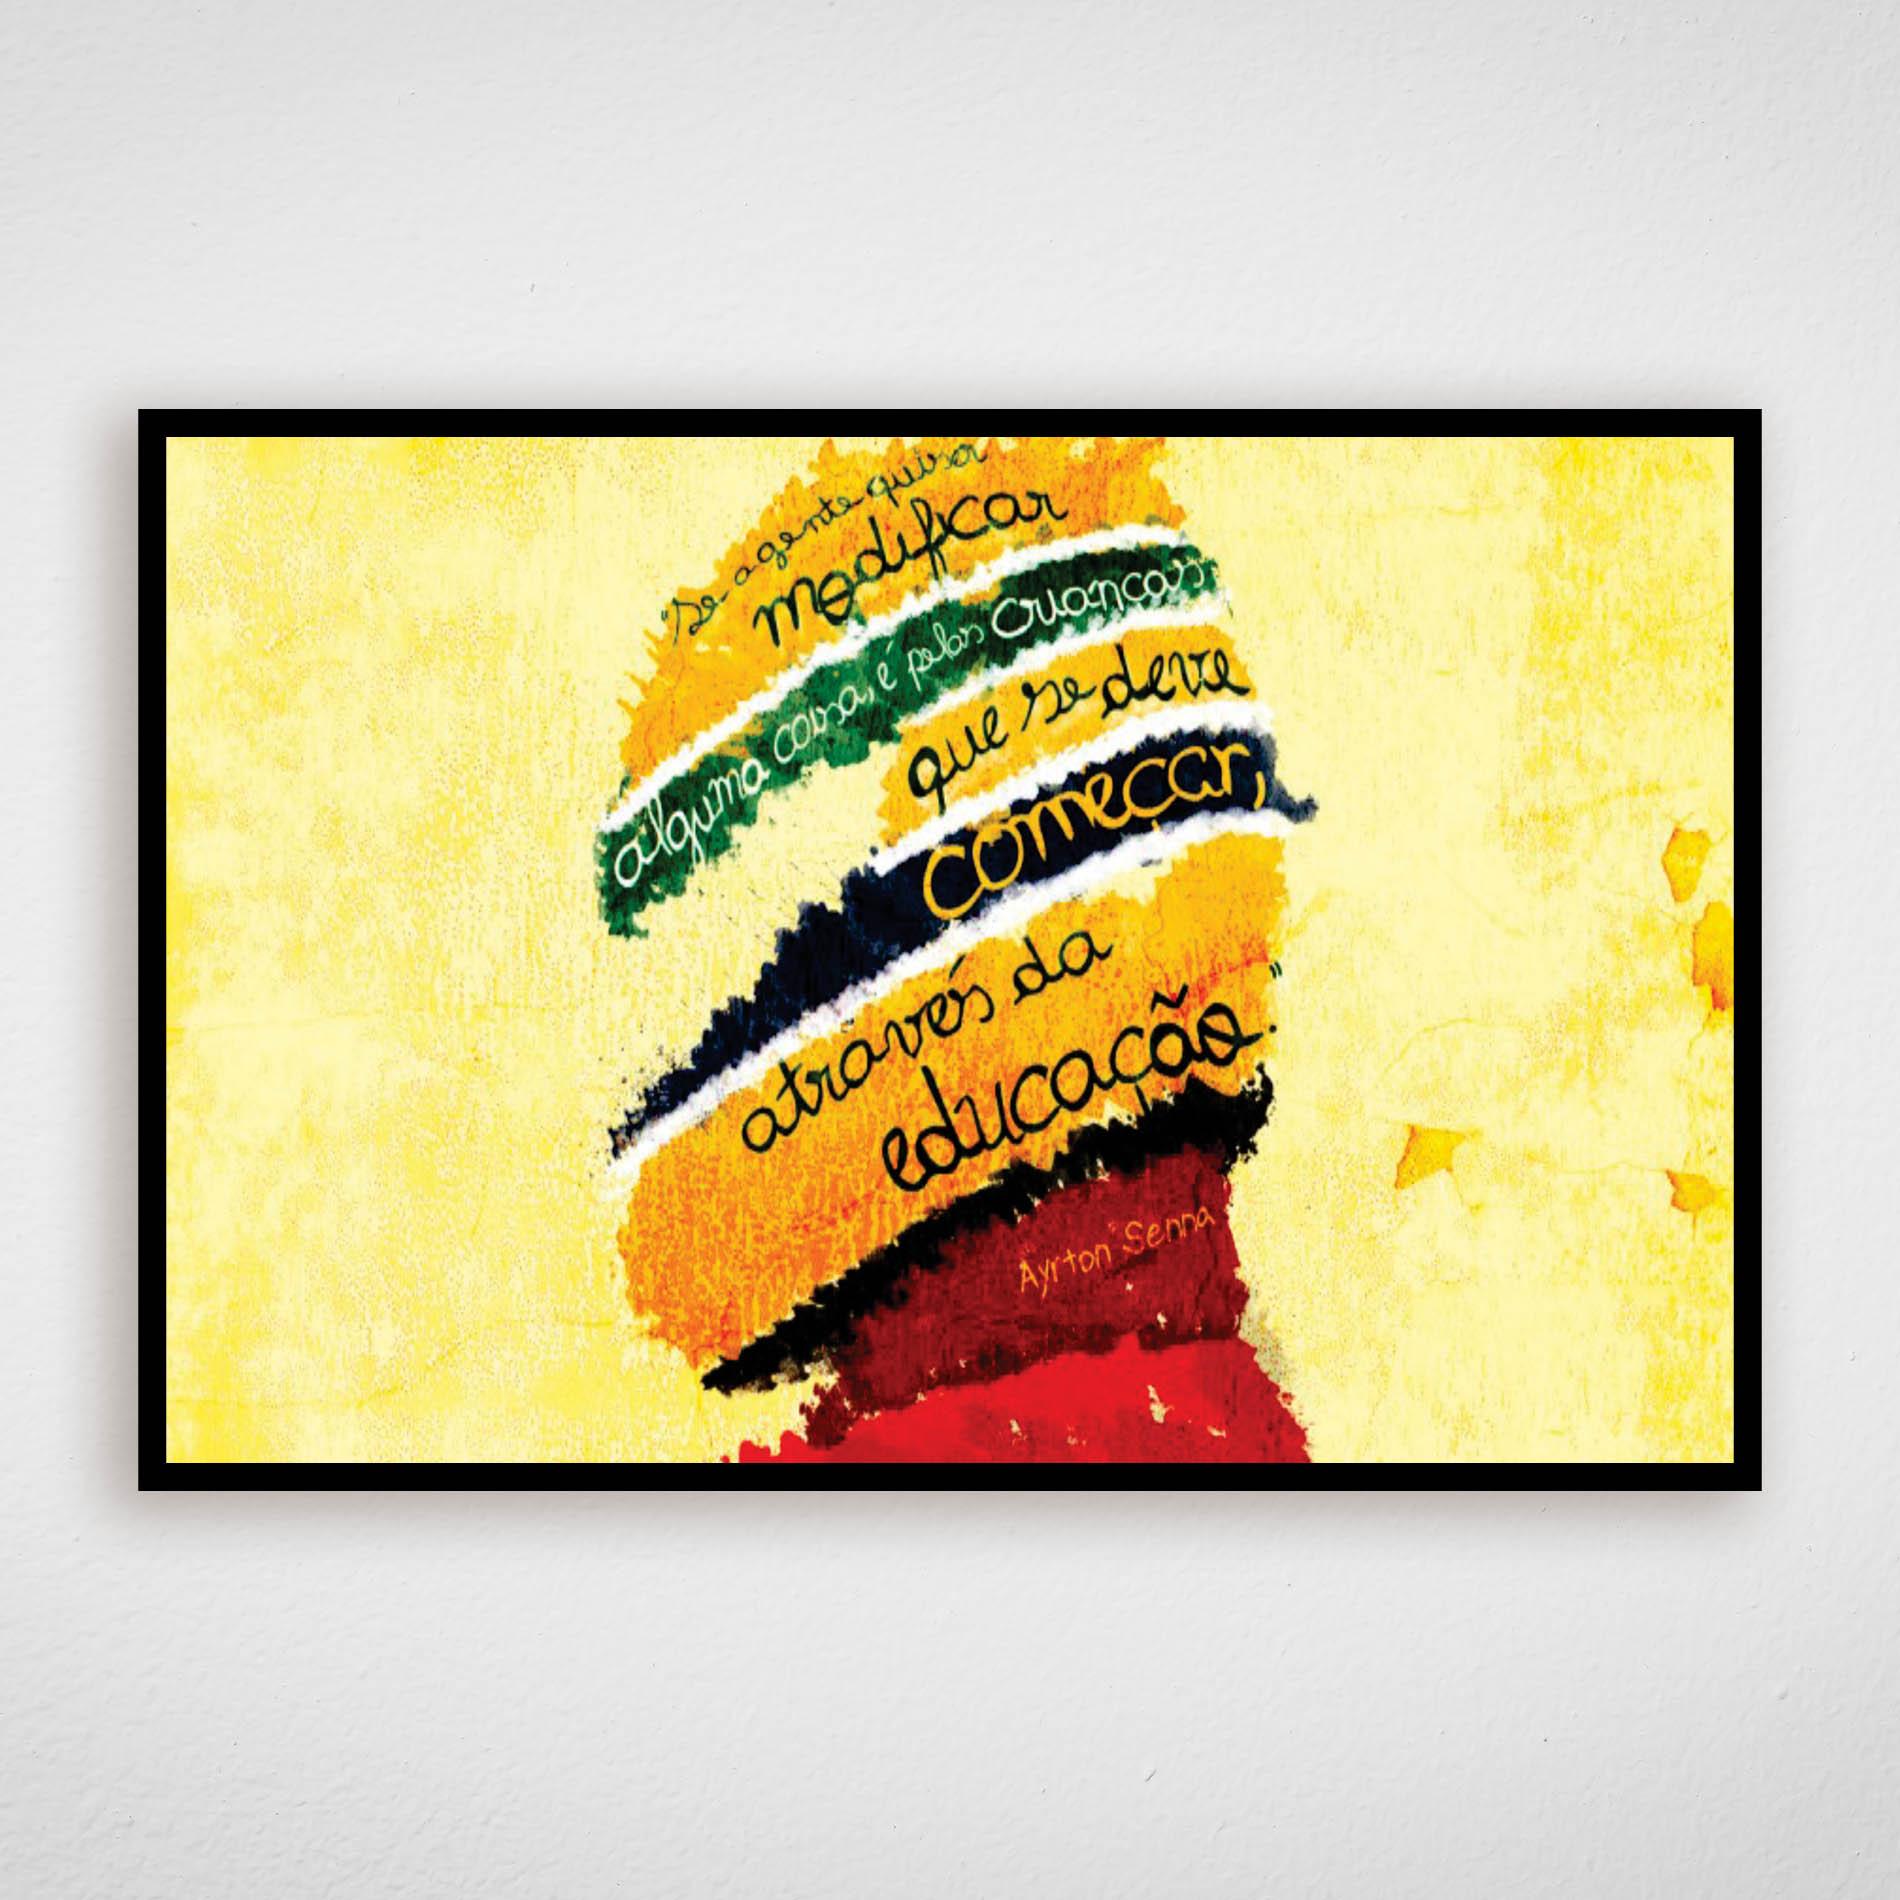 Quadro Ayrton Senna - Capacete